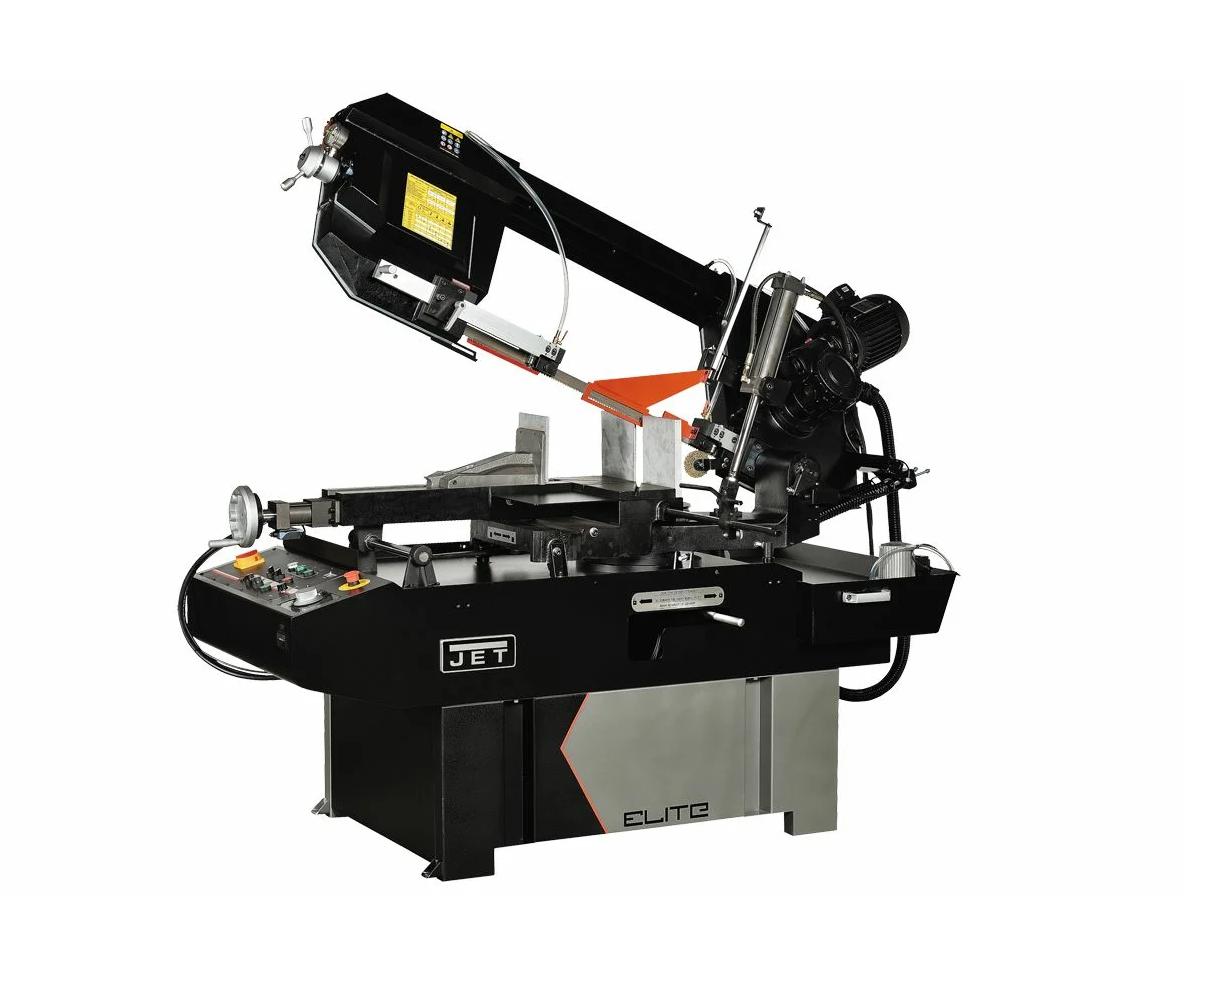 Полуавтоматический ленточнопильный станок JET ELITE EHB-350DGSVIP